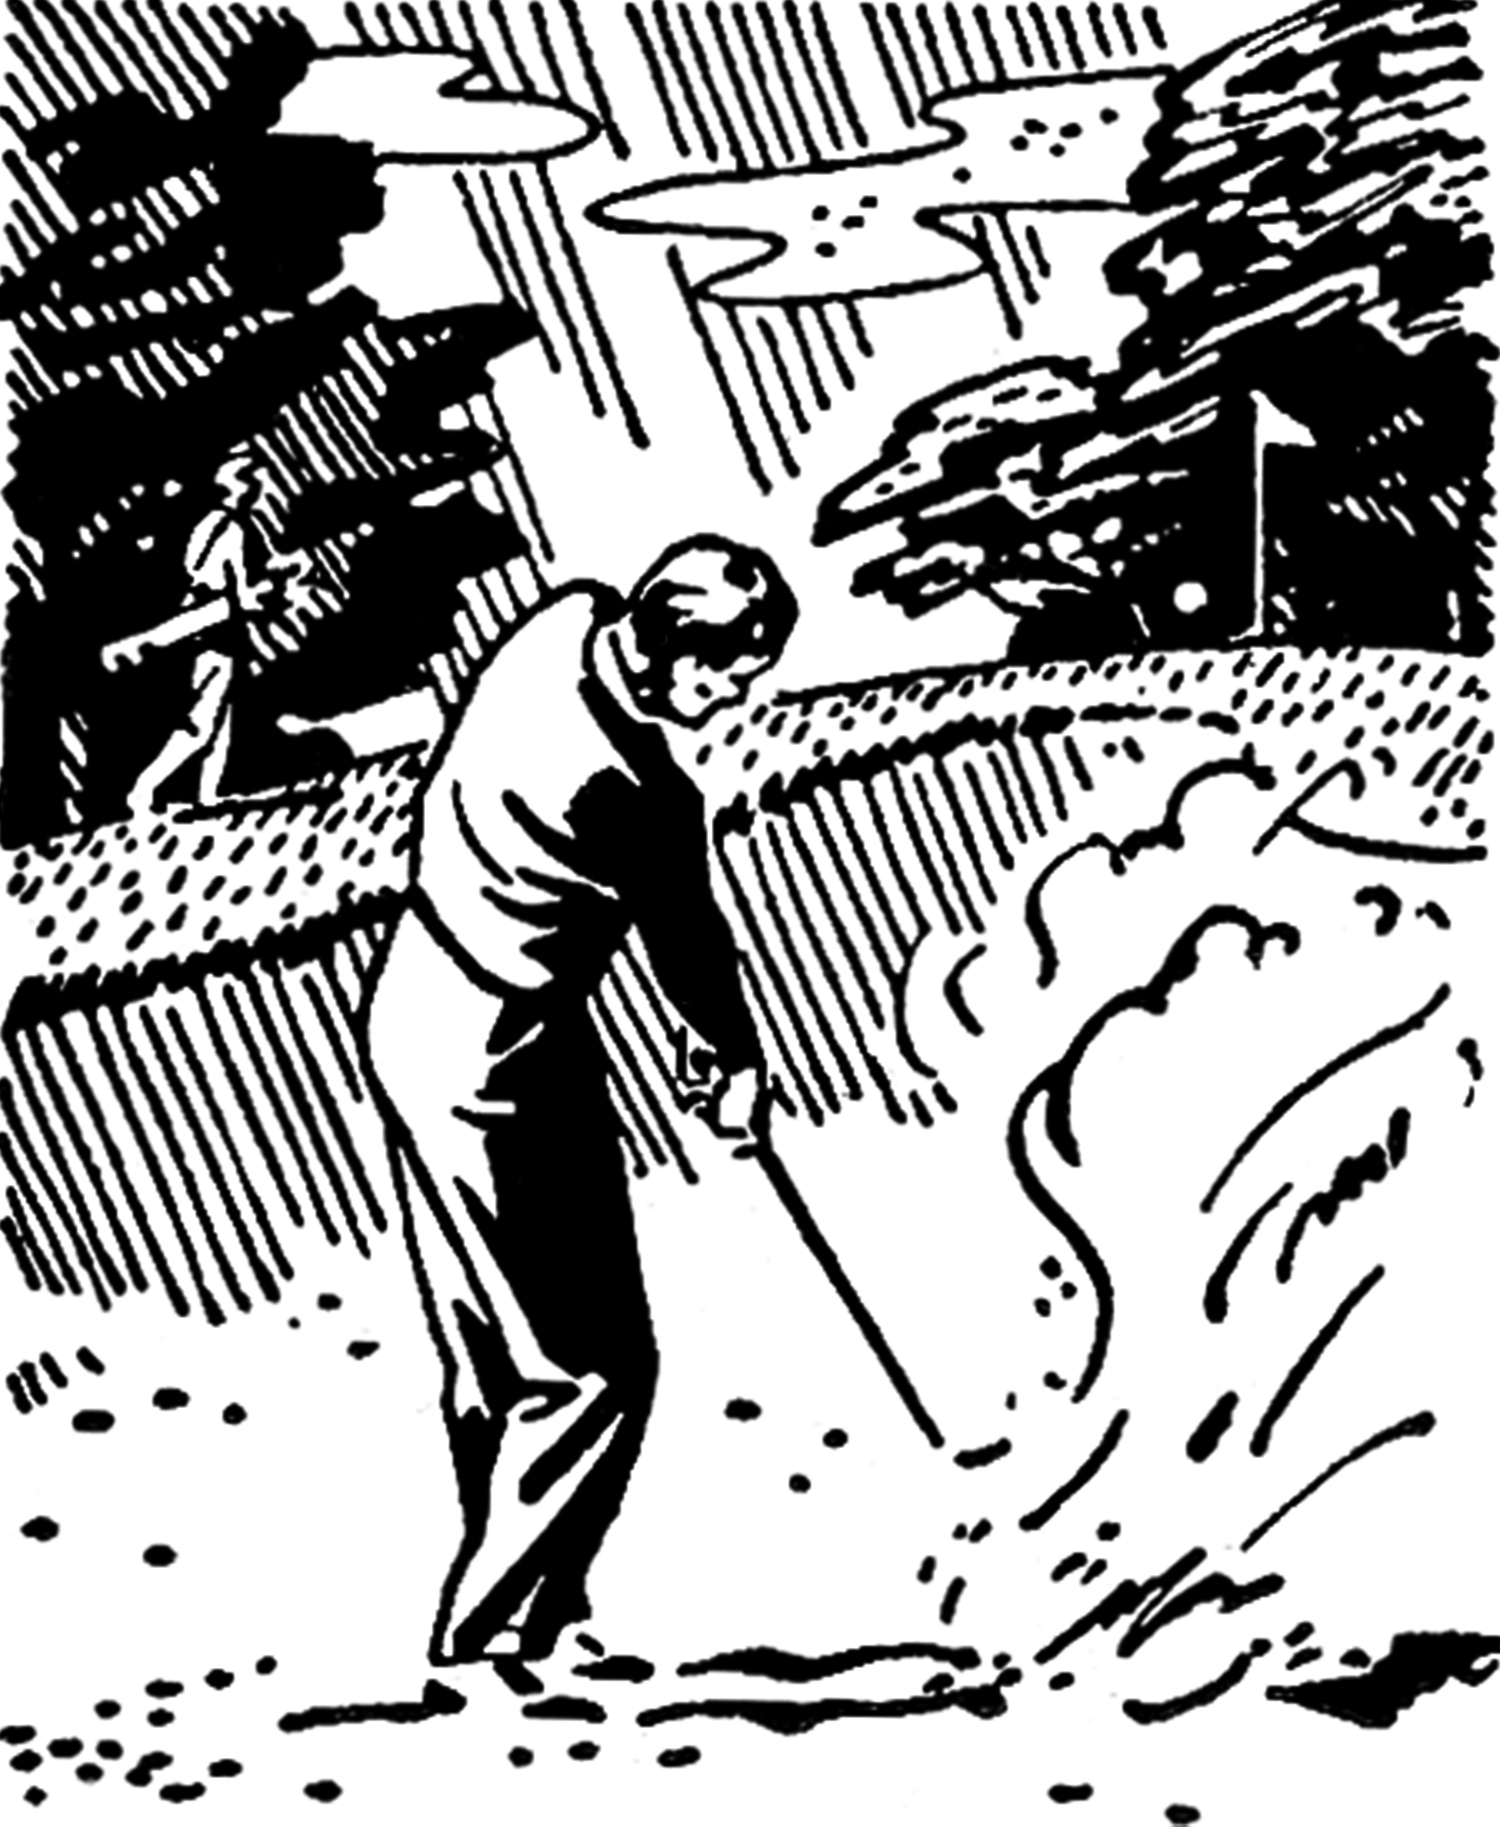 Retro Golf Images.